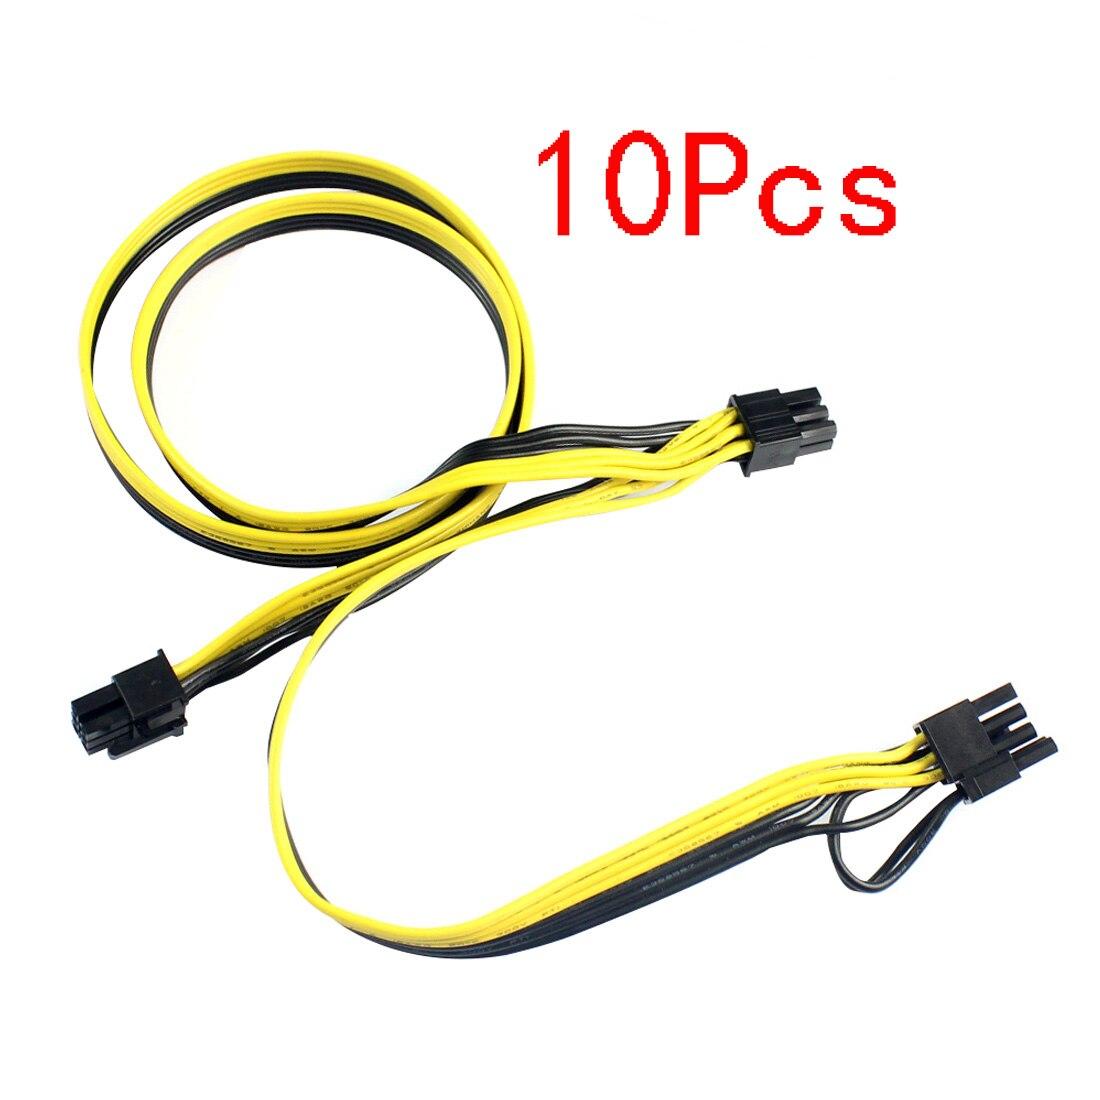 10 قطعة وحدات PSU كابلات امدادات الطاقة PCI e 6pin إلى 8 (6 + 2) دبوس 6Pin PCI Express كابل الطاقة الداخلية الفاصل الشريط